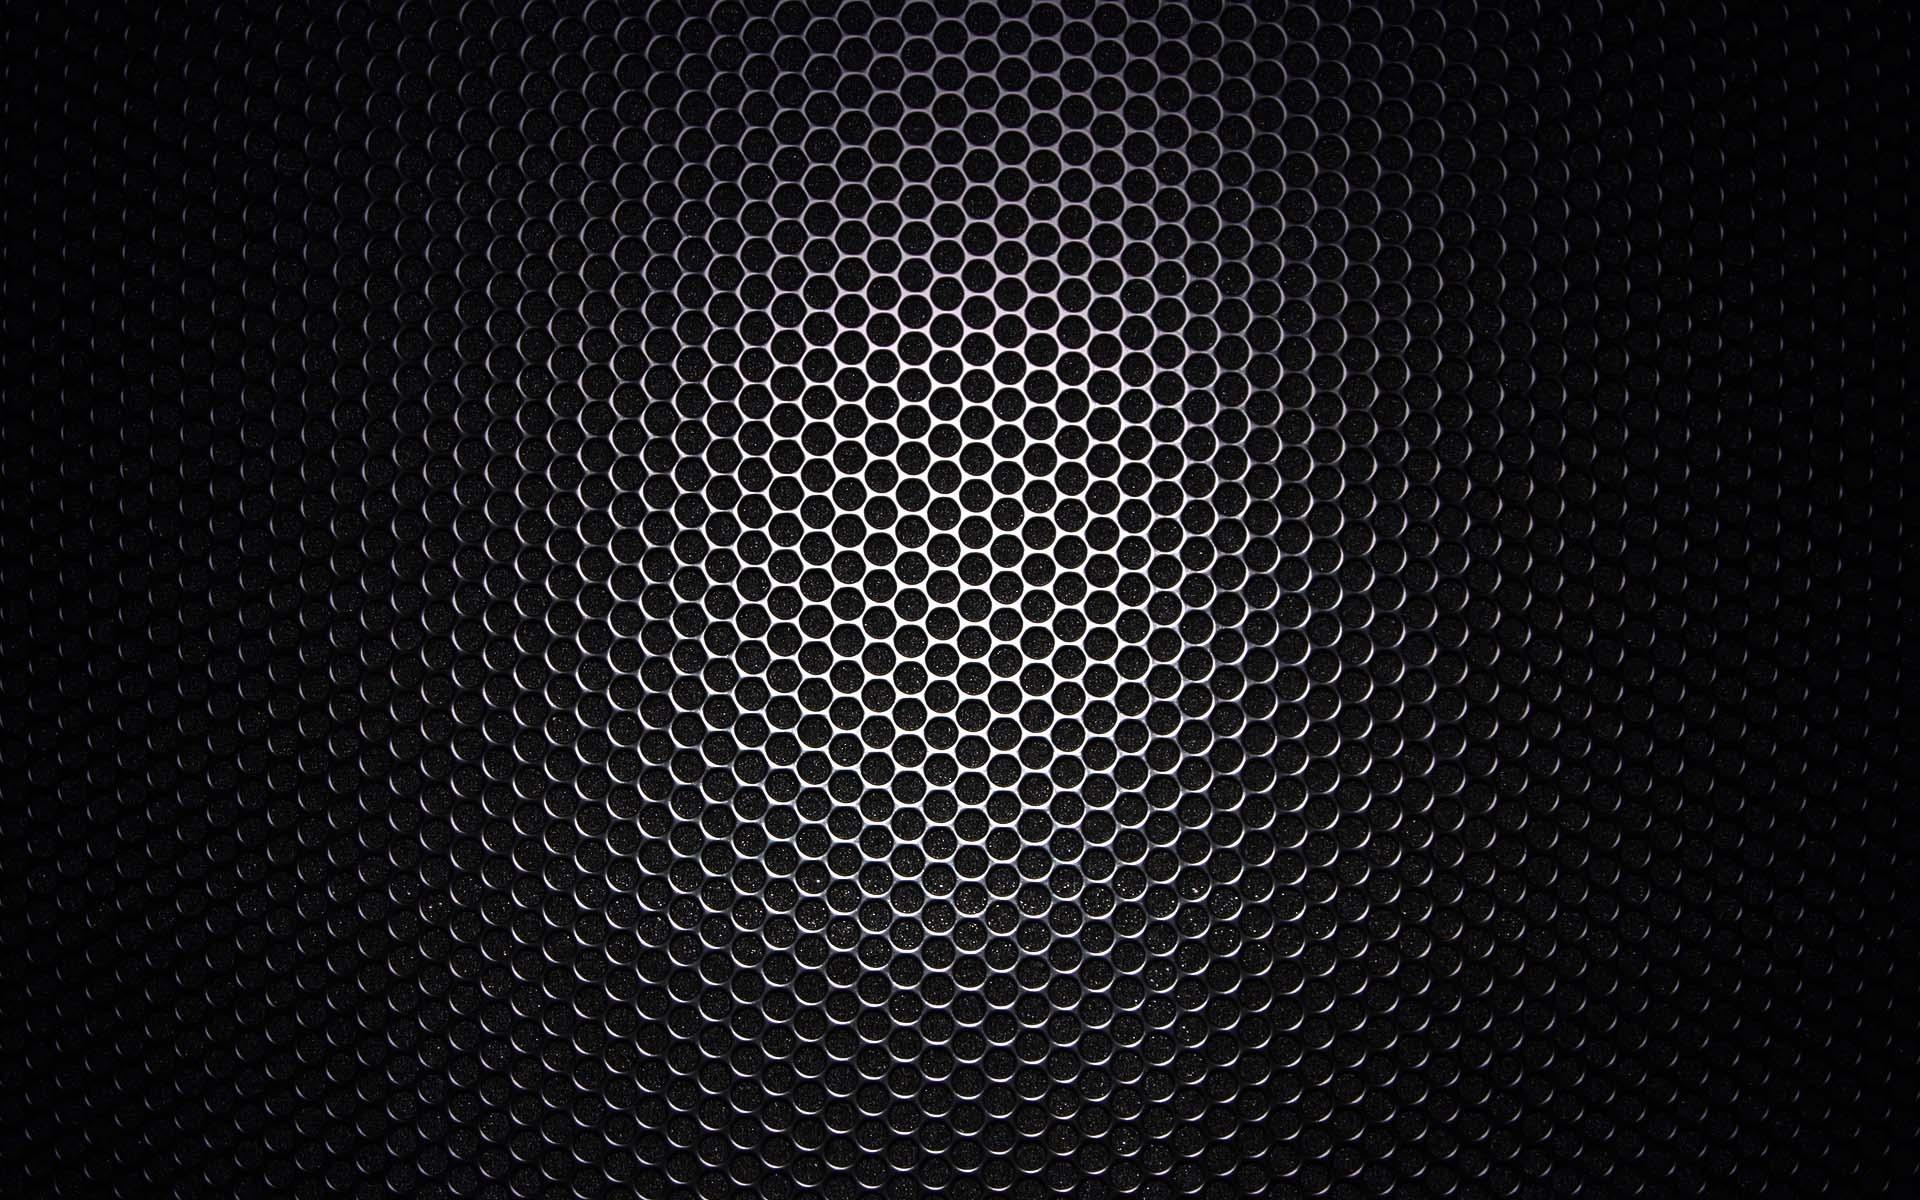 metal wallpaper 2 metal wallpaper 3 ...